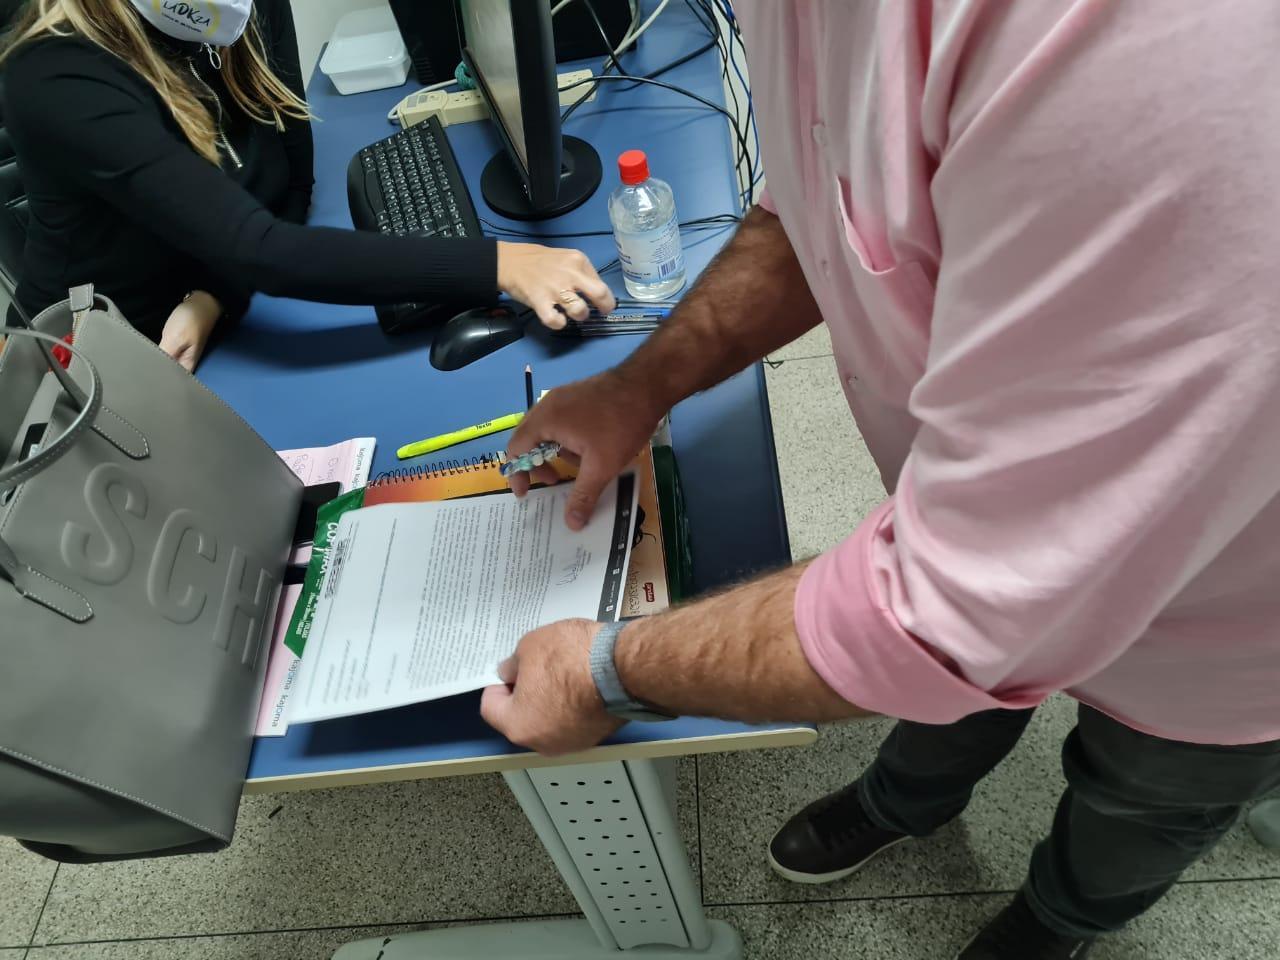 Prefeito de Macaé recebe pessoalmente novo ofício solicitando a prioridade na vacinação para os bancários.